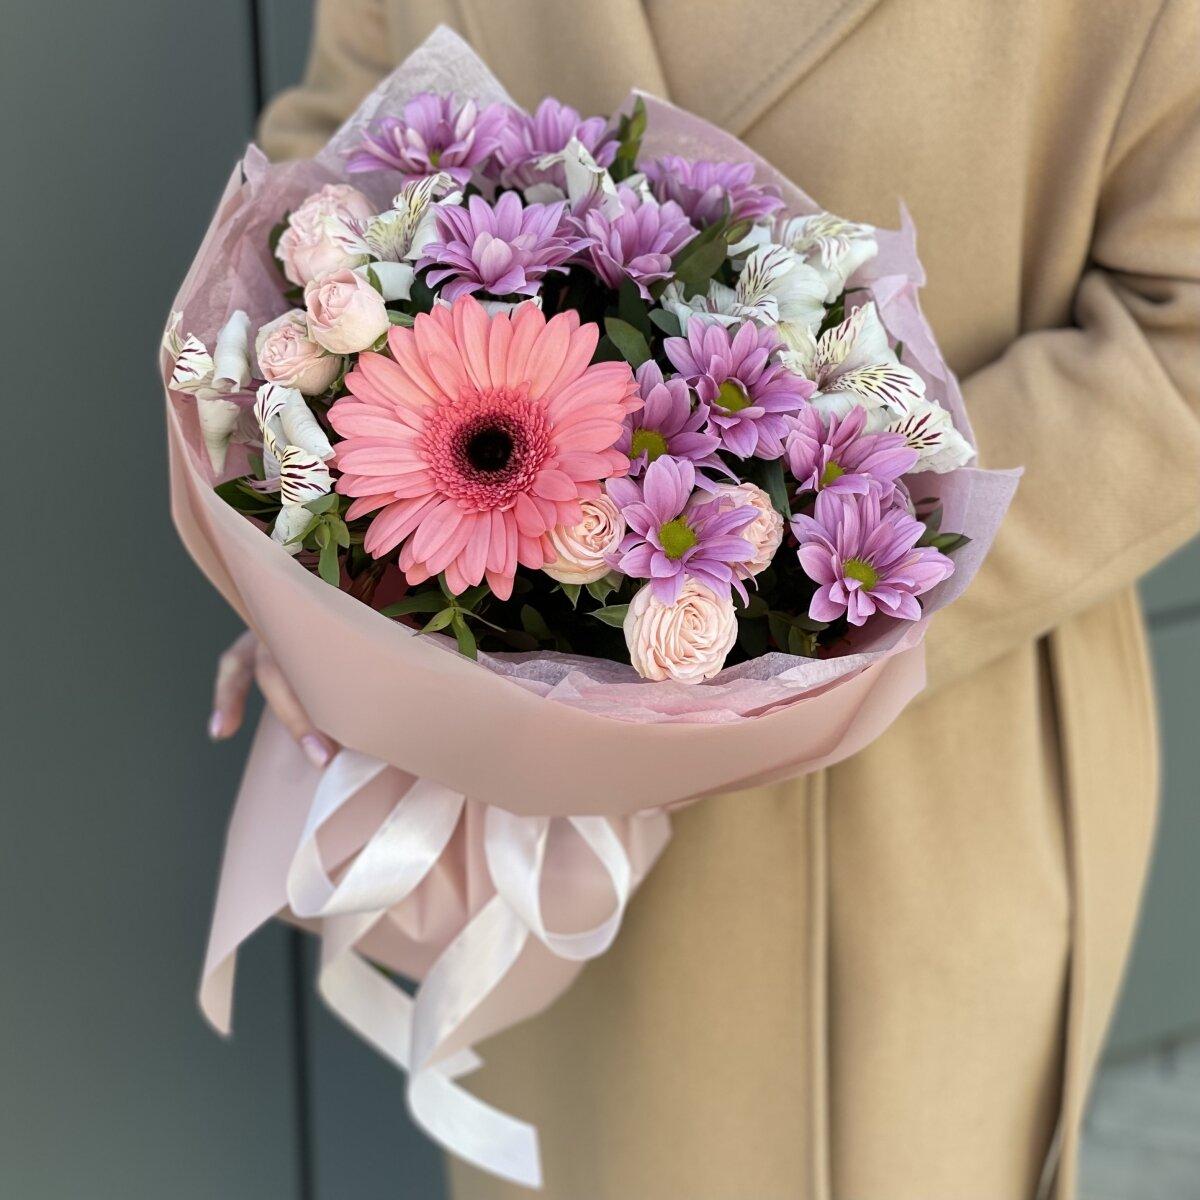 Букет Умиление из альстромерии, хризантемы, герберы и кустовой розы